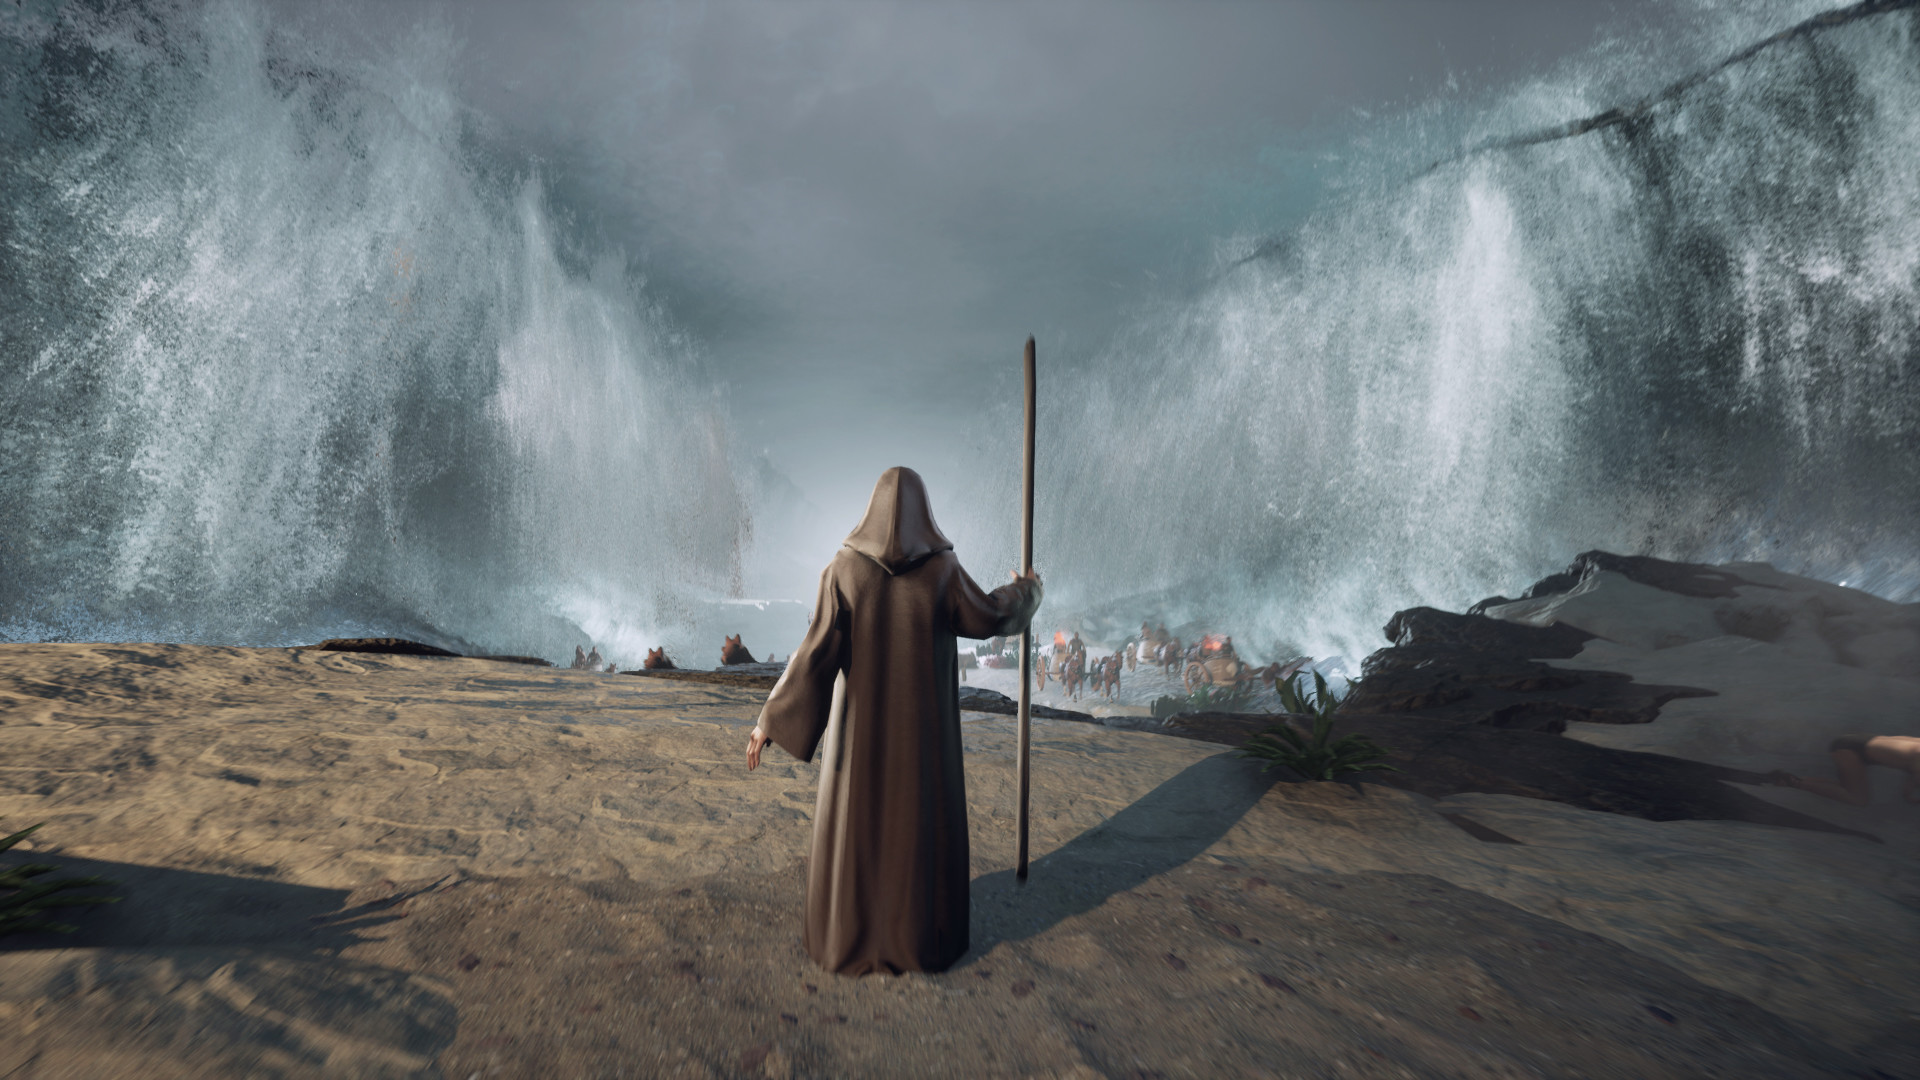 圣经故事改编 动作冒险游戏《摩西:出埃及记》正式发布